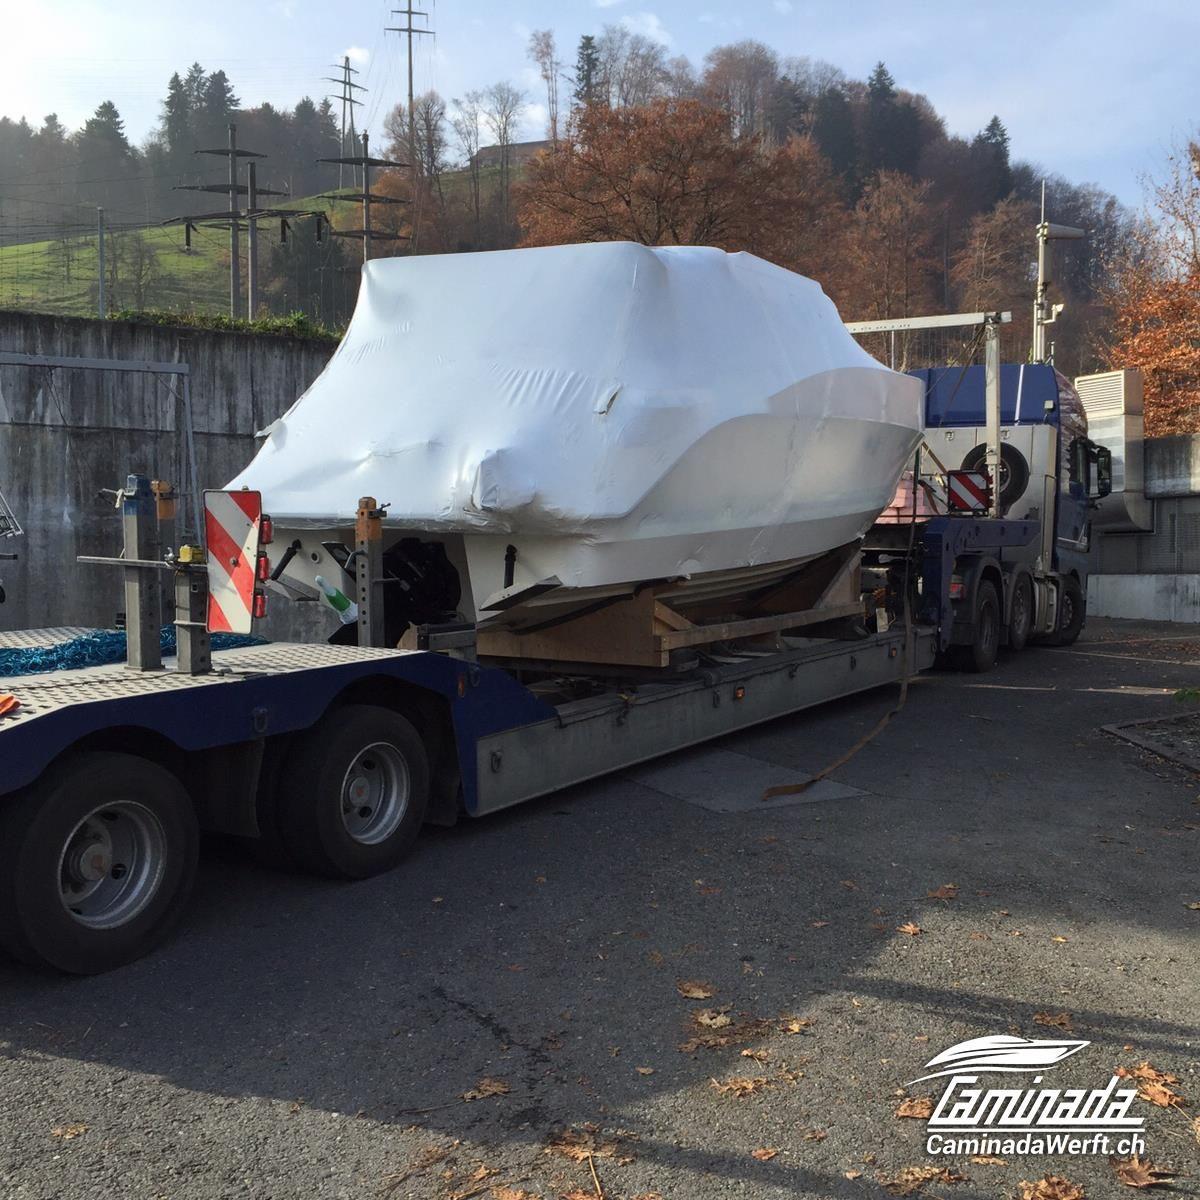 Die neue #Aquador 27 HT ist angekommen. Video folgt  #aquador #motorboat #yacht #motorboot #schweiz #suisse #svizzera #luzern #basel #zürich #genf #geneva #vierwaldstättersee #zürisee #zürichsee #bodensee #speedboot #walensee #genfersee #lacleman #neuenburgersee #lacdeneuchatel #langensee #lagomaggiore #luganersee #lagodielugano #thunersee